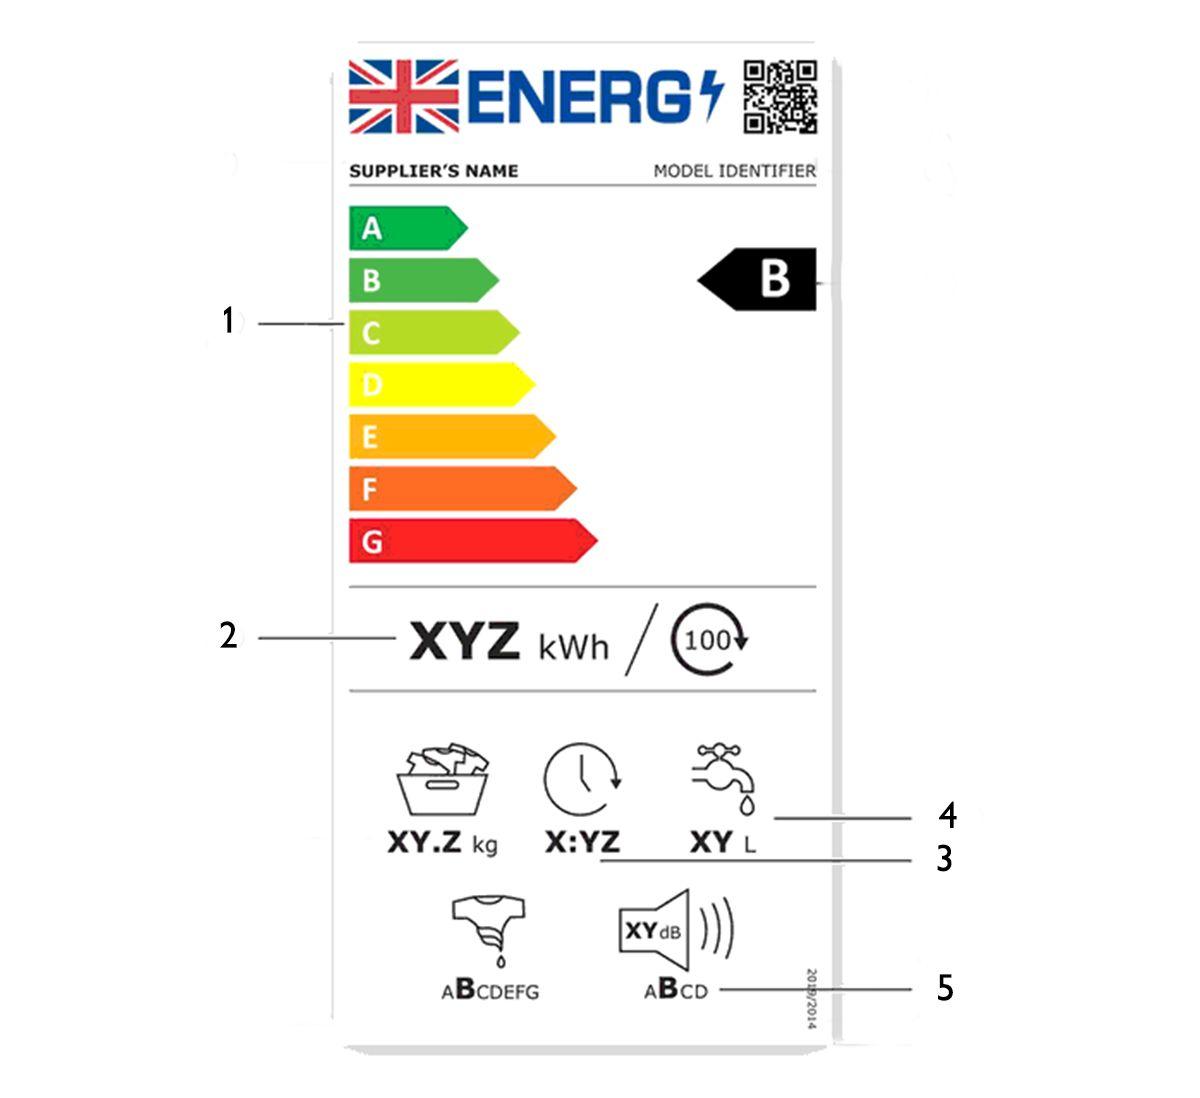 washing machines energy label